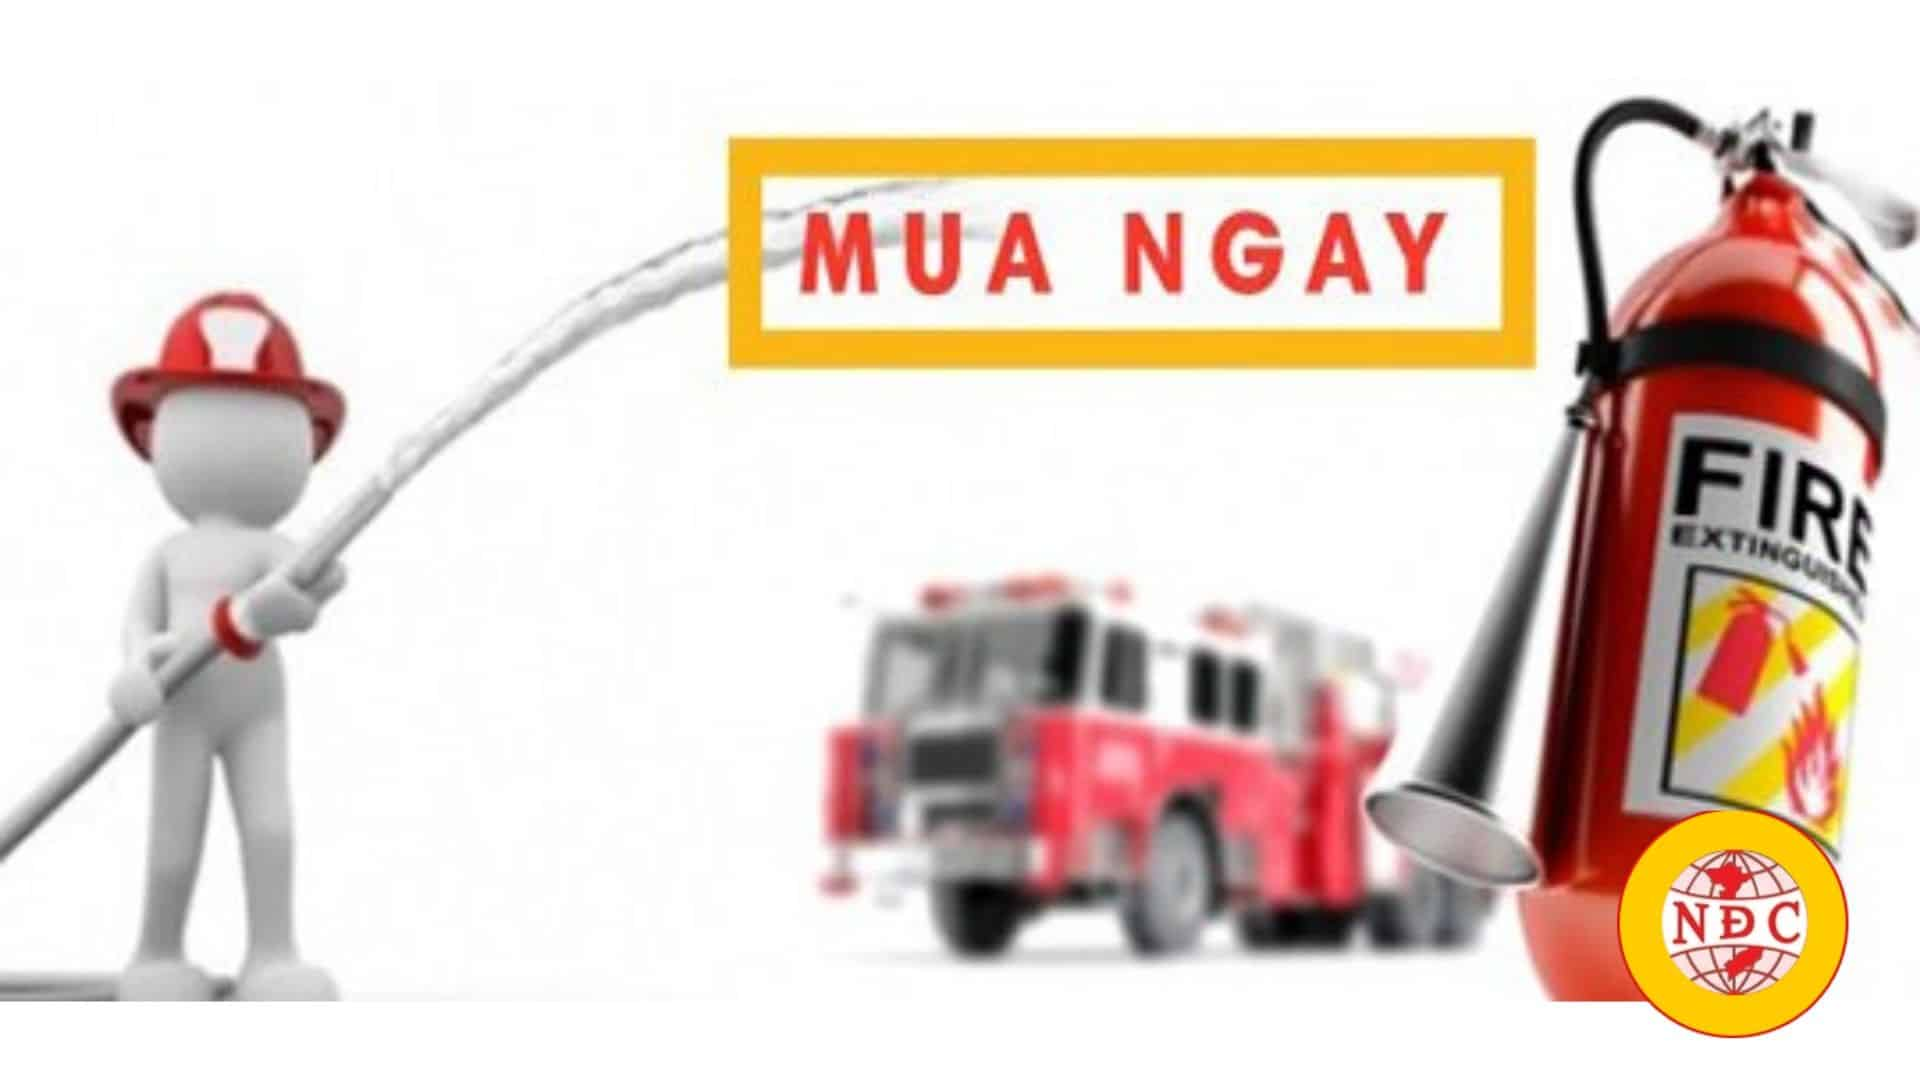 Cấp giấy xác nhận đủ điều kiện kinh doanh dịch vụ phòng cháy và chữa cháy